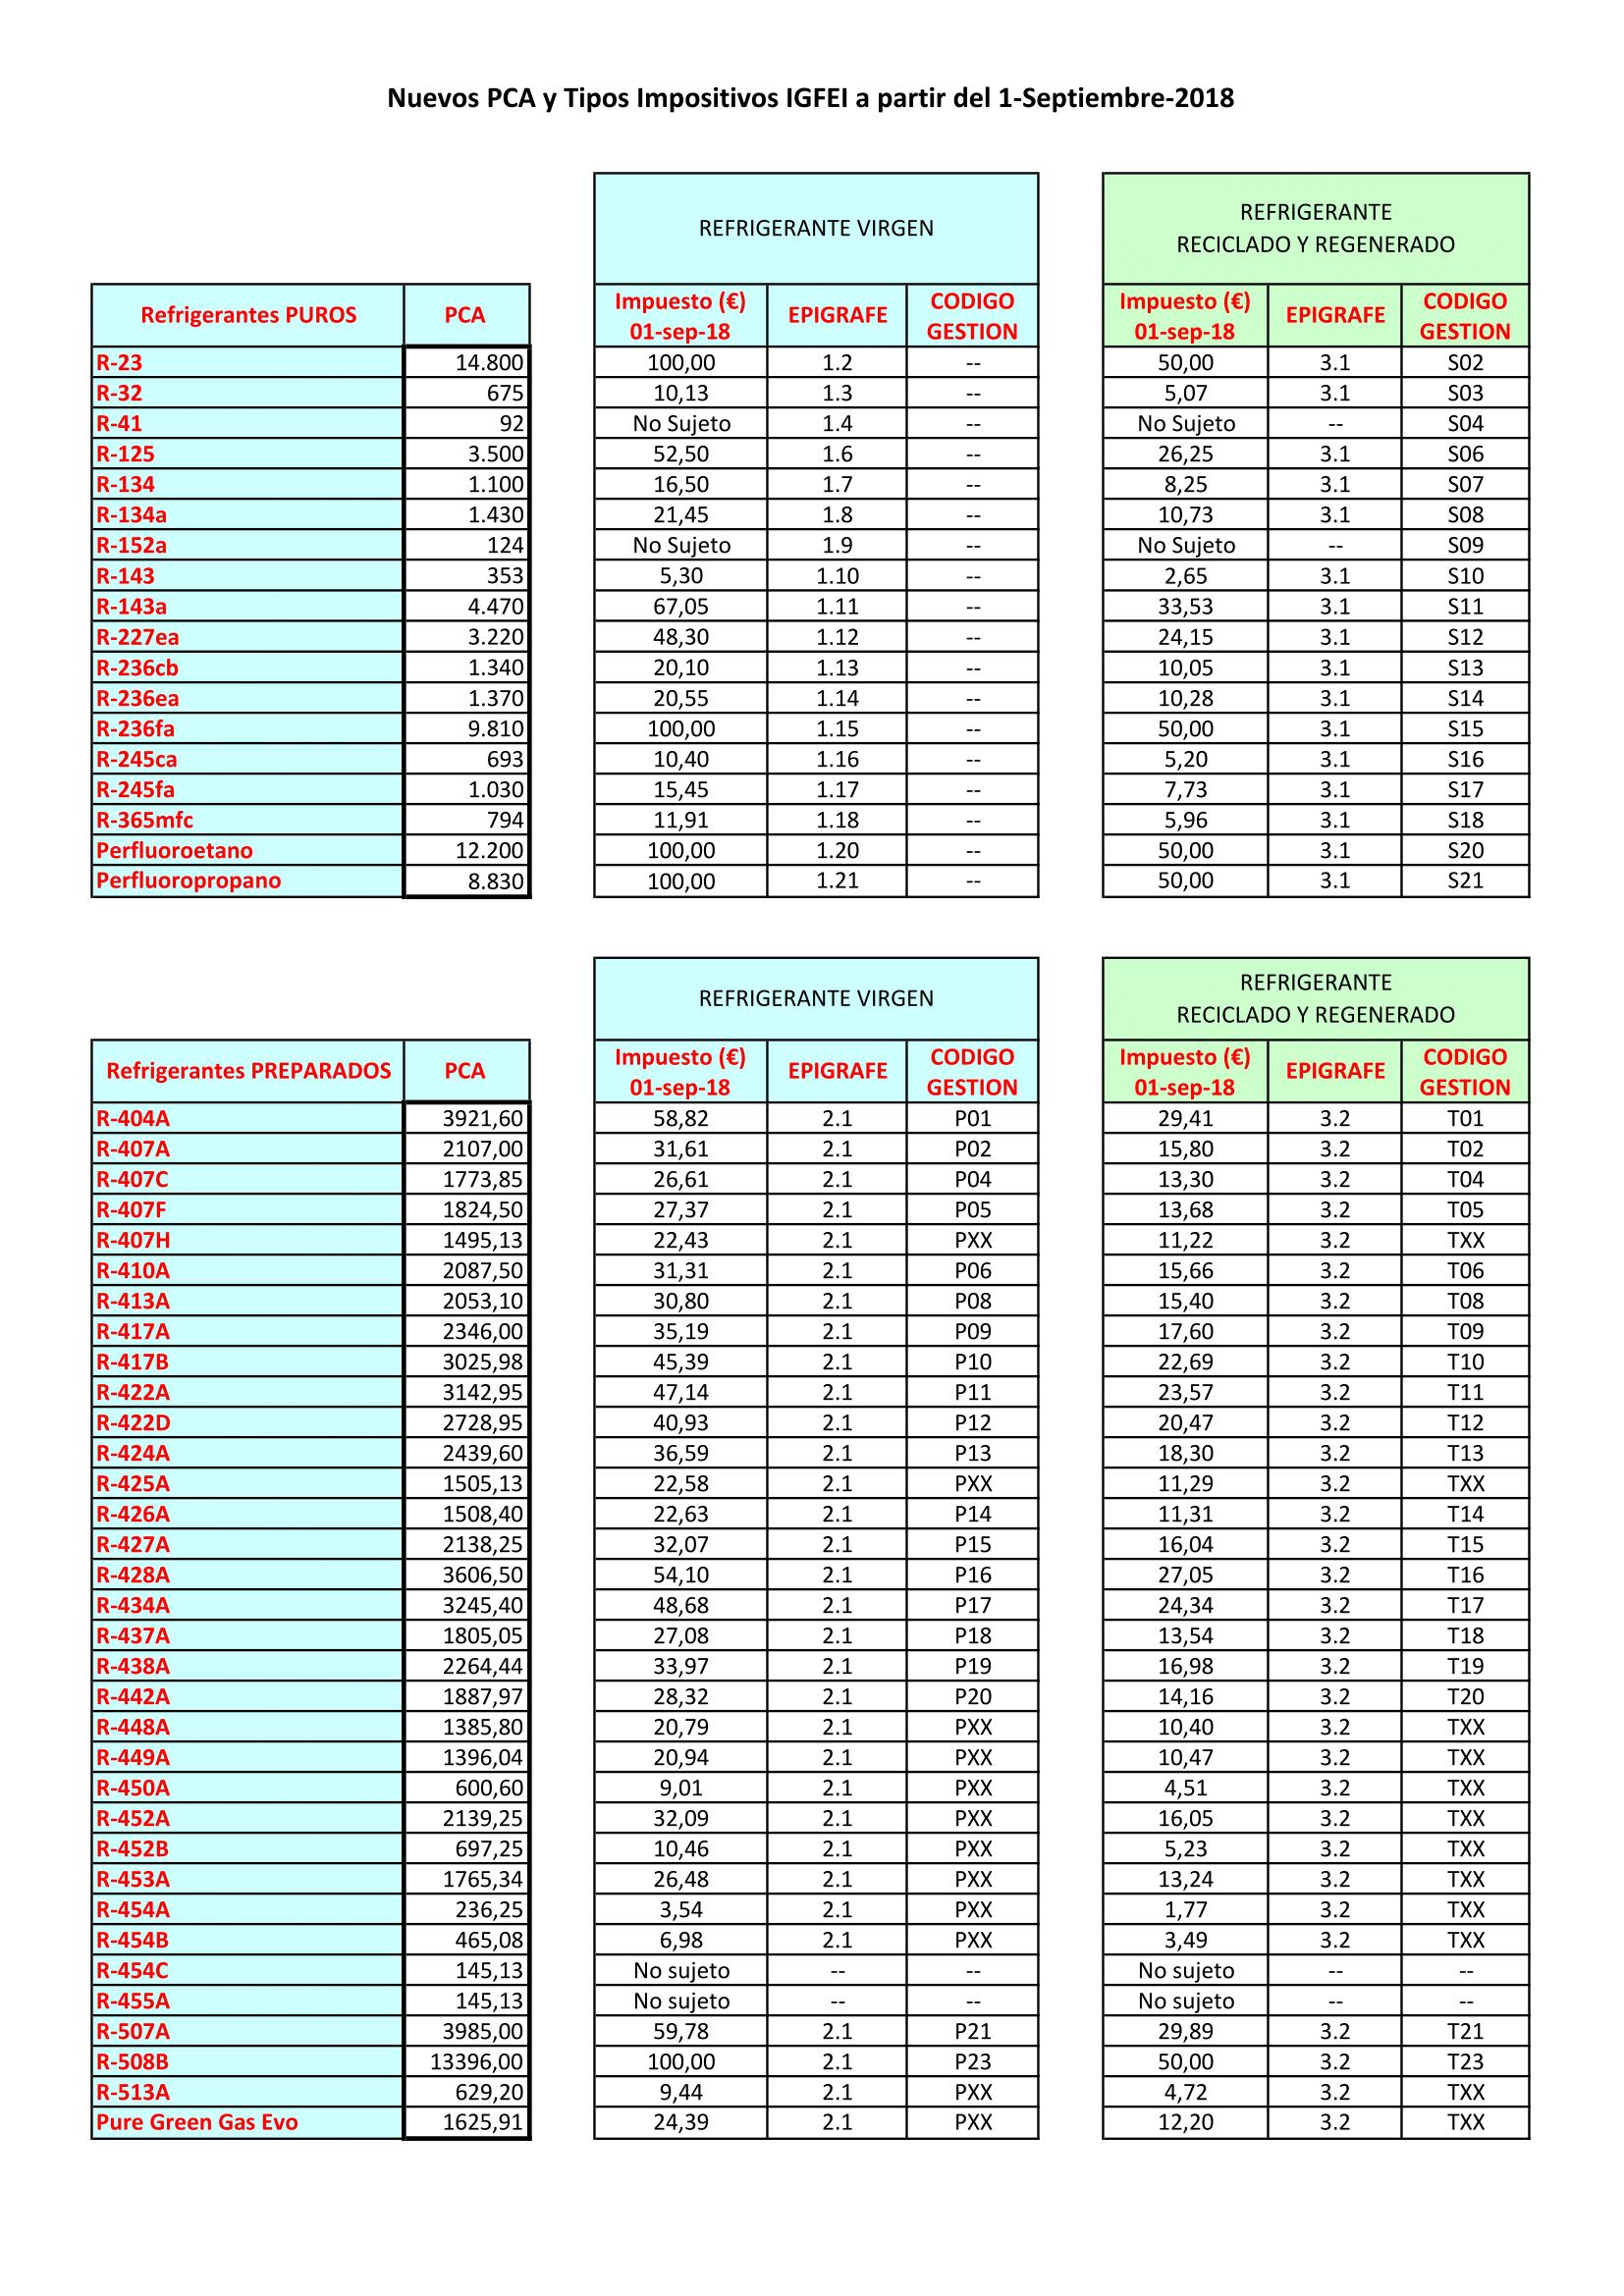 Modificación de los precios de refrigerantes fluorados de efecto invernadero publicada por el AEAT 180917-tabla-actualizada-aeat-pca-impuesto-1-sept-2018-1